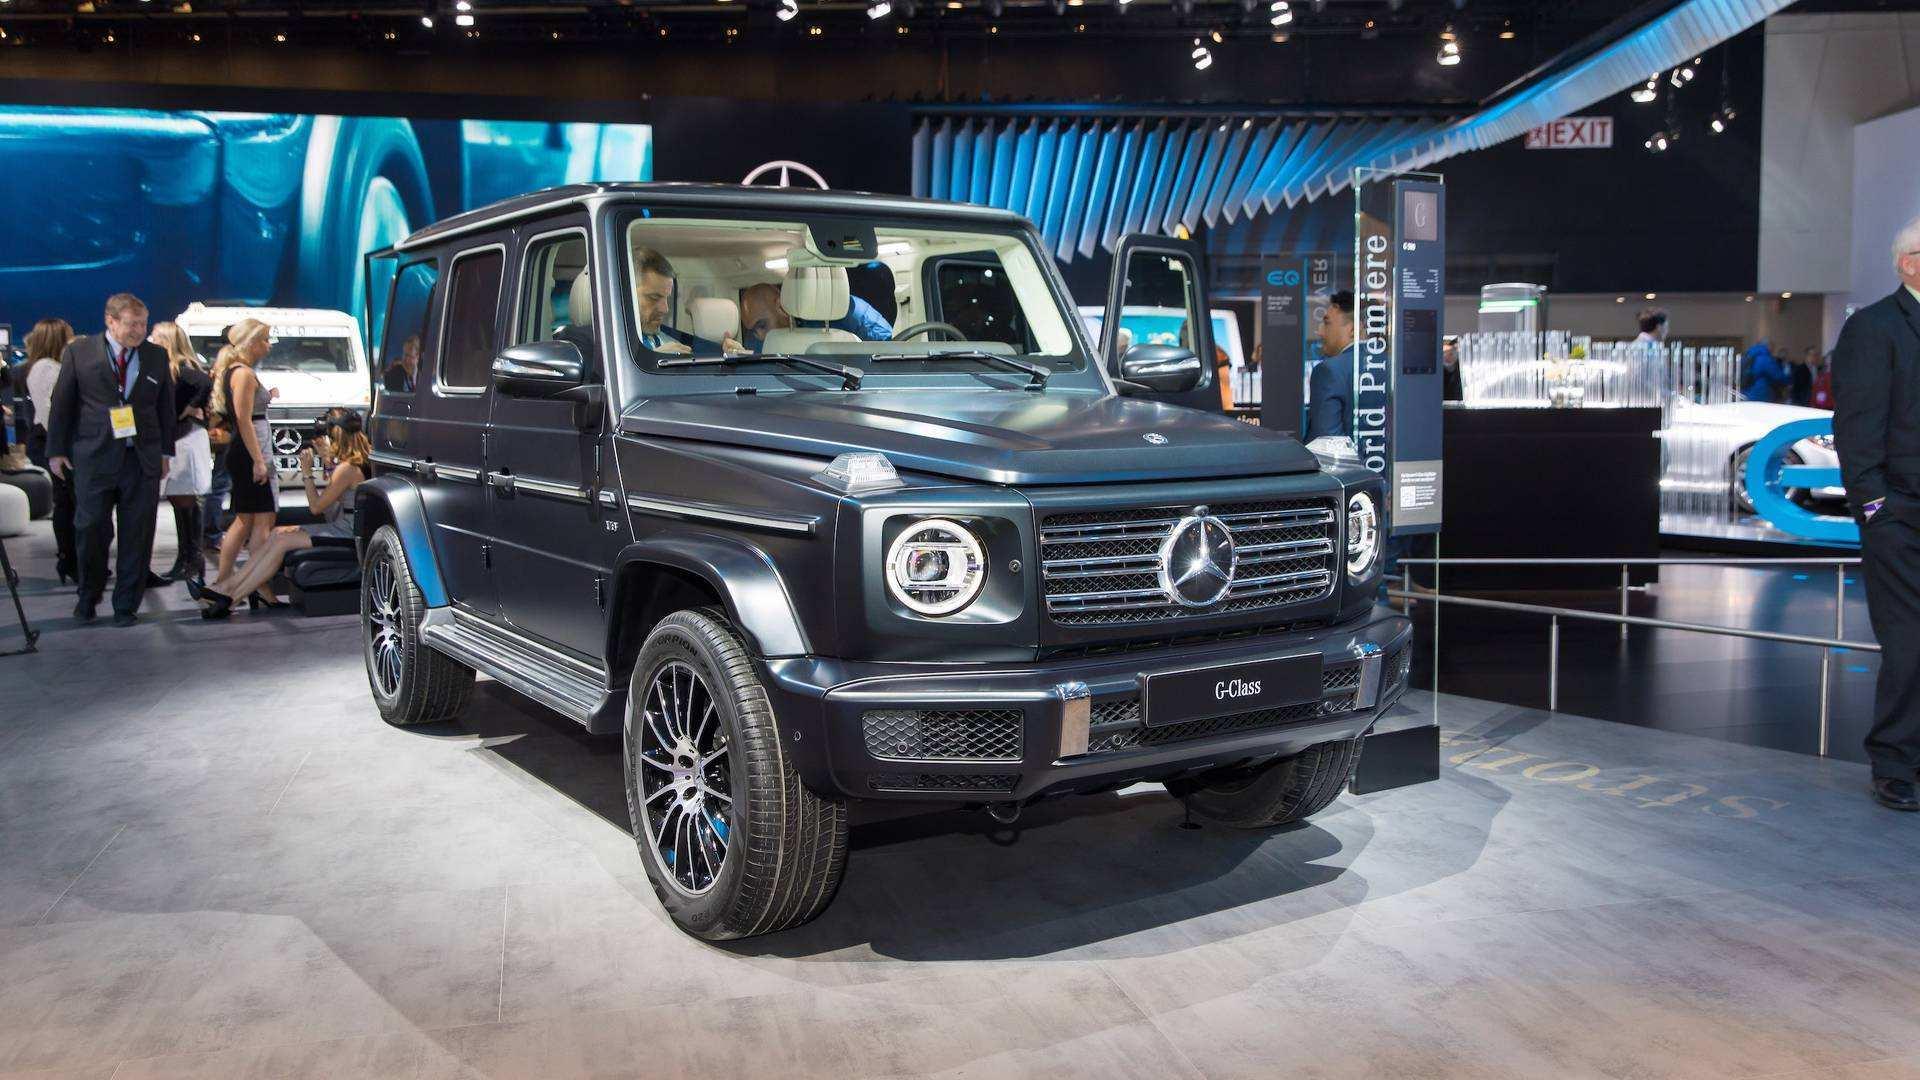 63 All New 2020 Mercedes G Class Exterior Date Exterior by 2020 Mercedes G Class Exterior Date